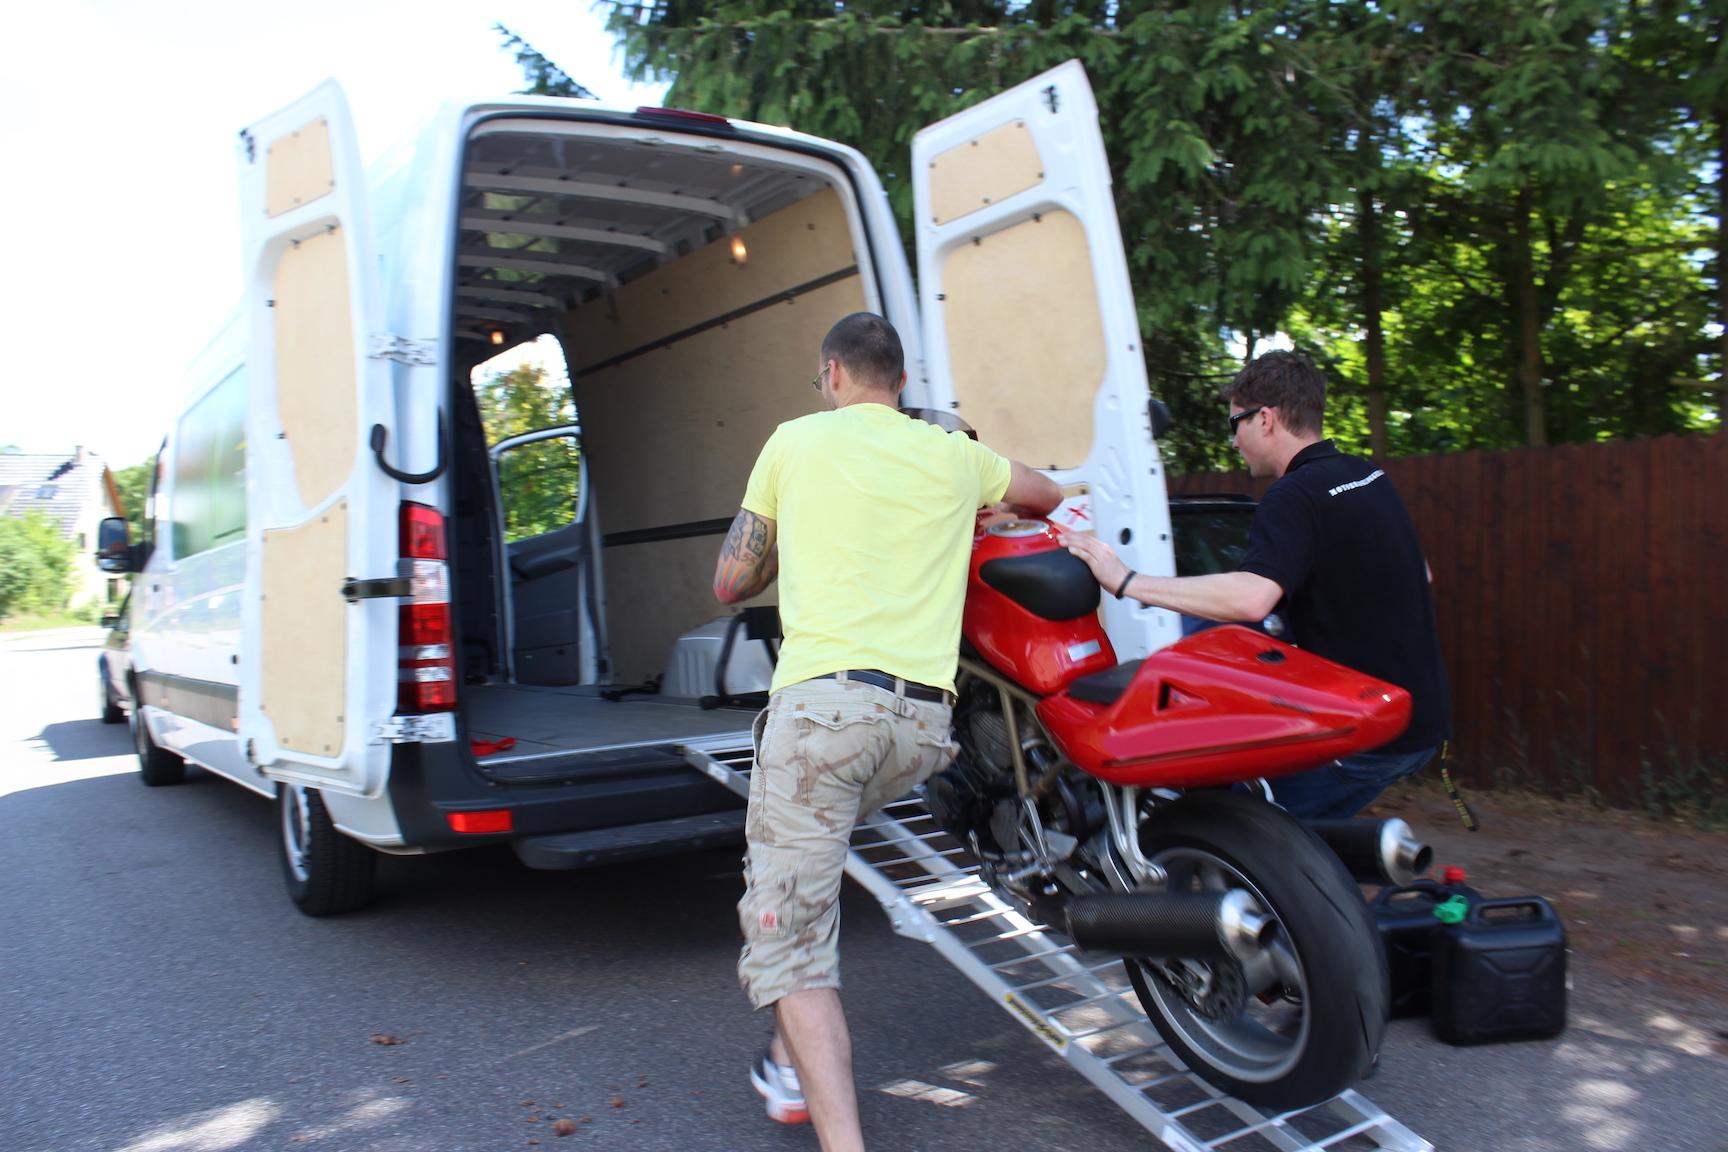 Motorradtransport im Transporter - so gehts | motorradblogger